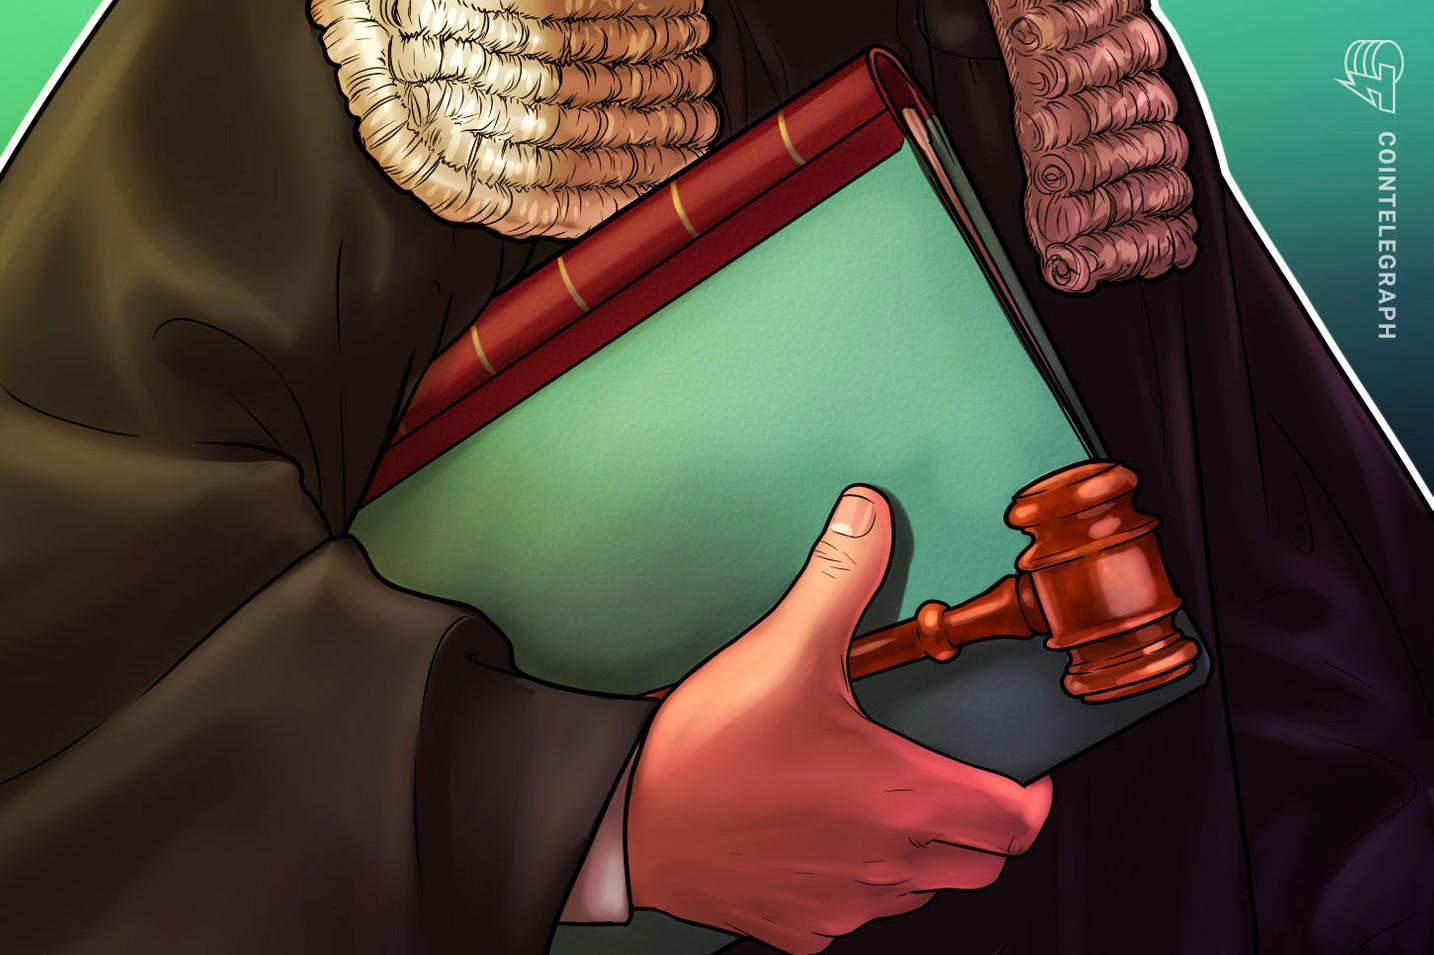 Los inversores de HBZ instan a la corte a bloquear la destrucción de un contrato inteligente